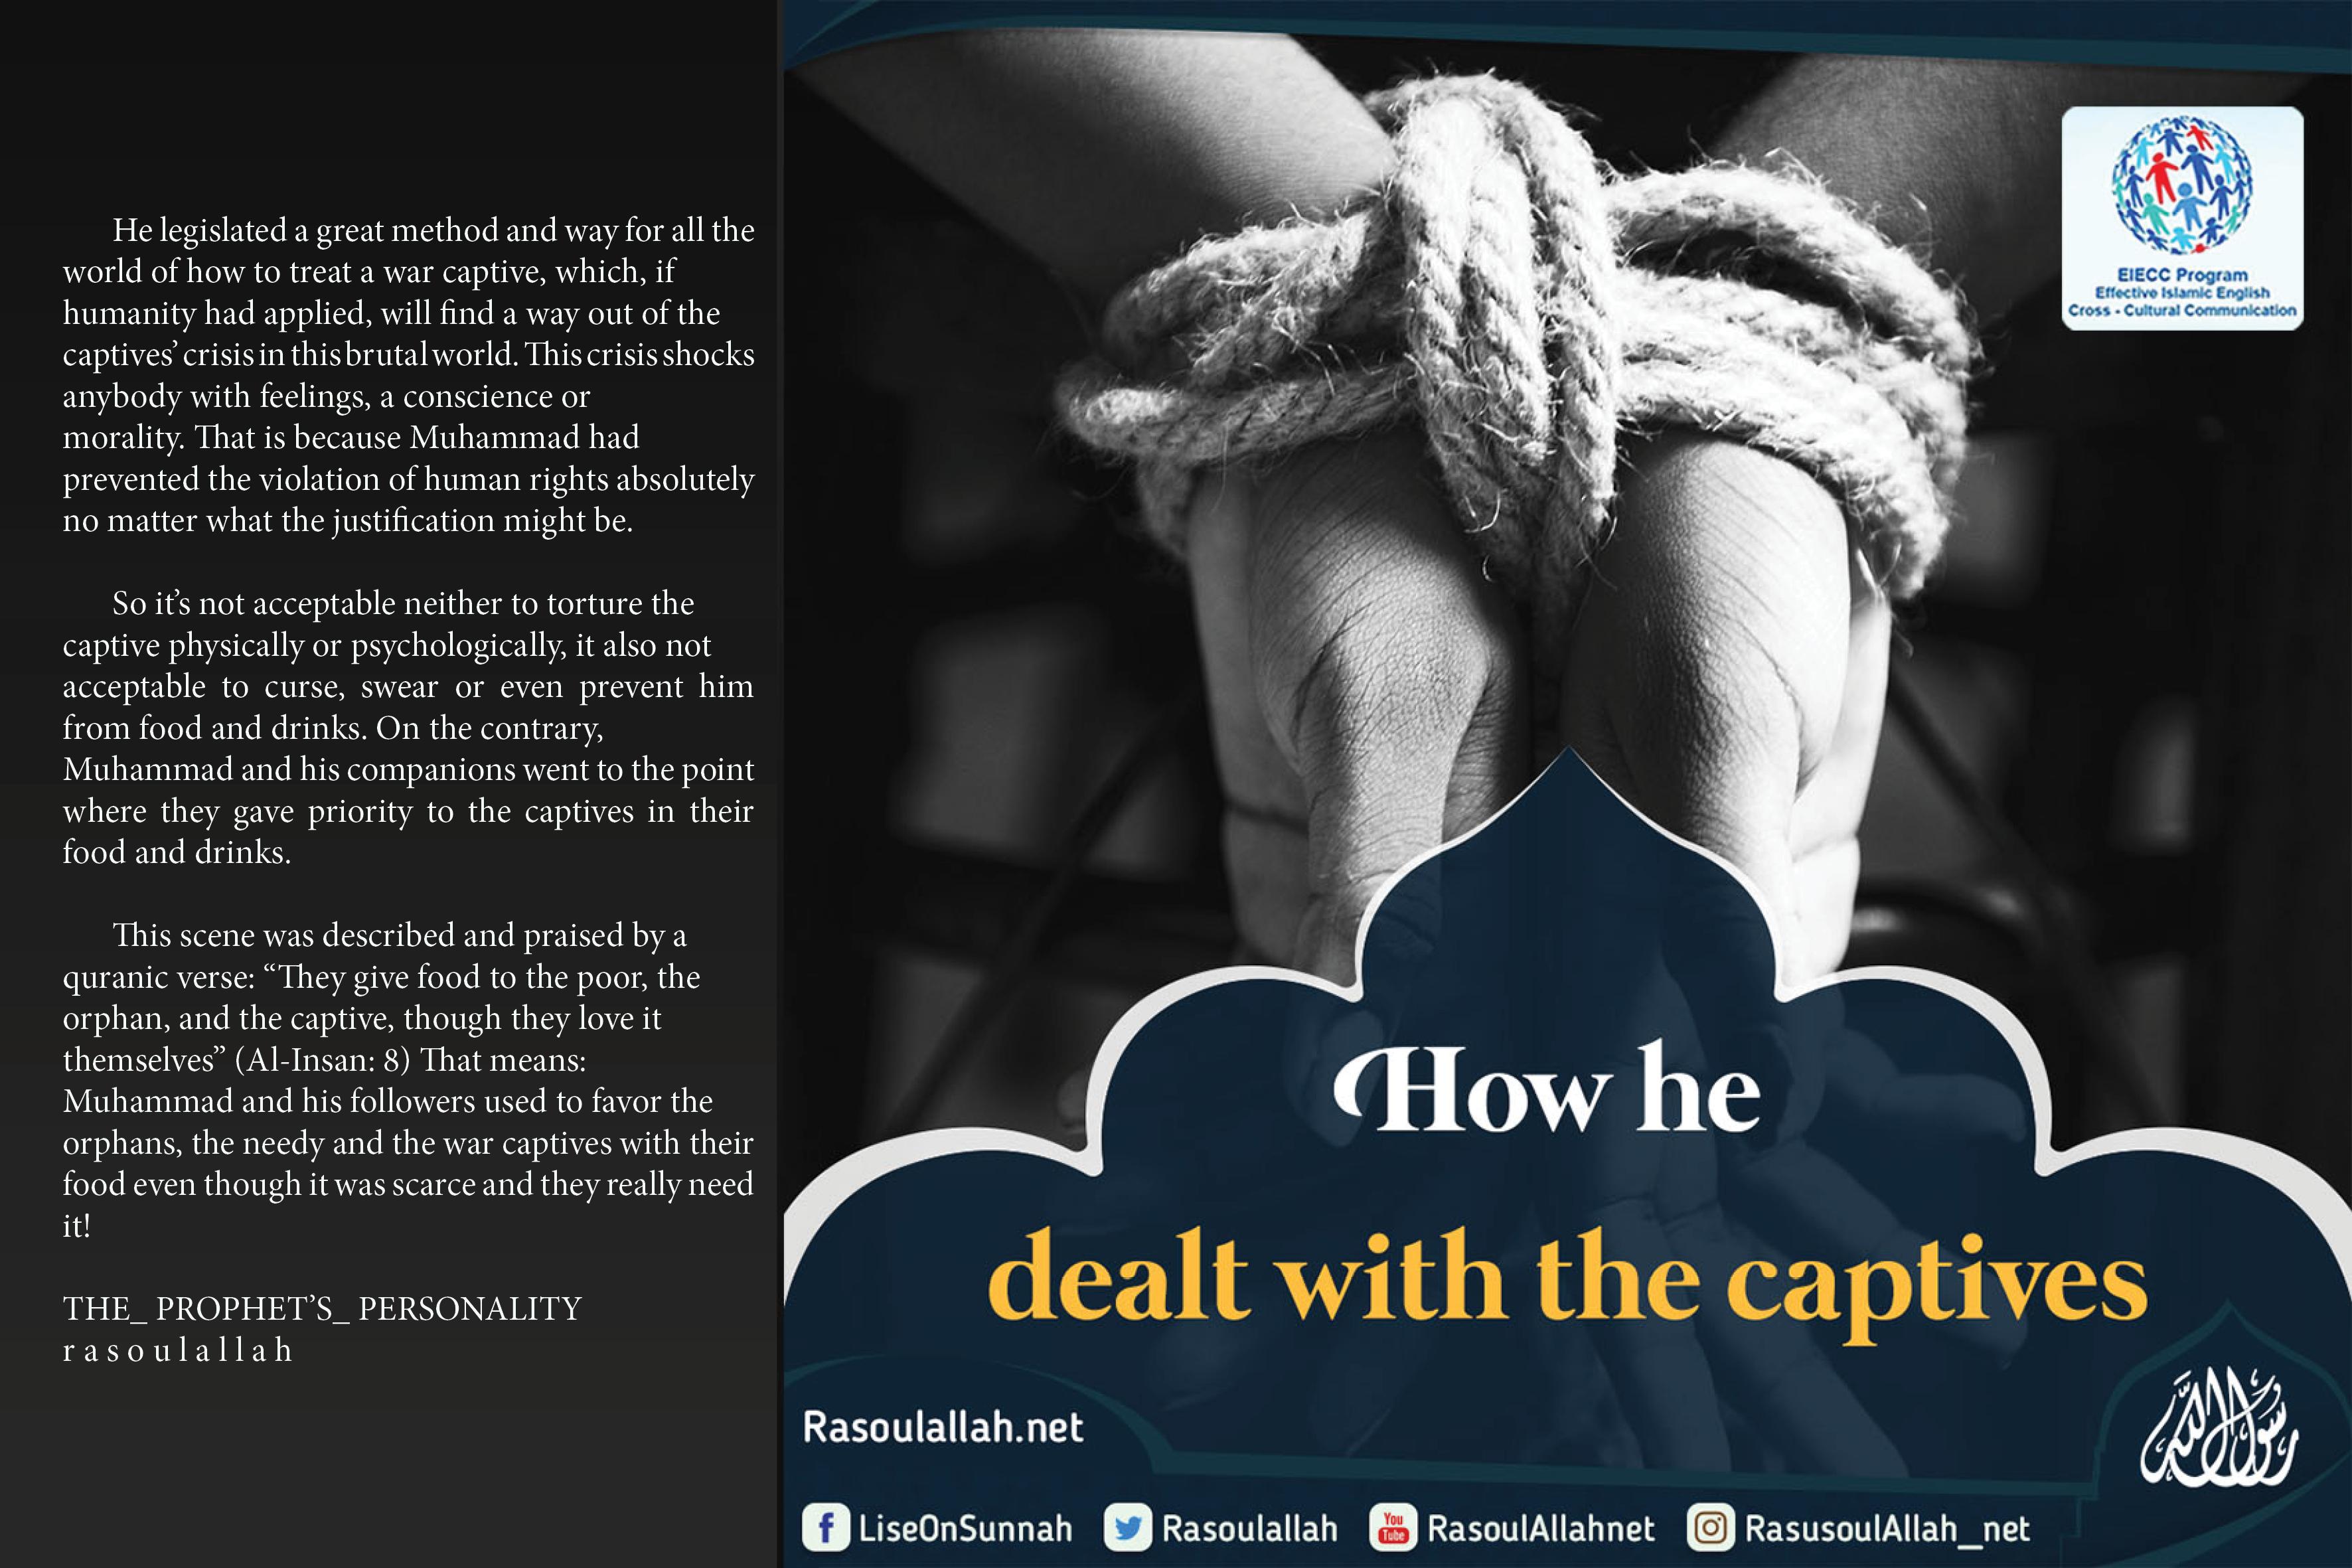 How he dealt with the captives